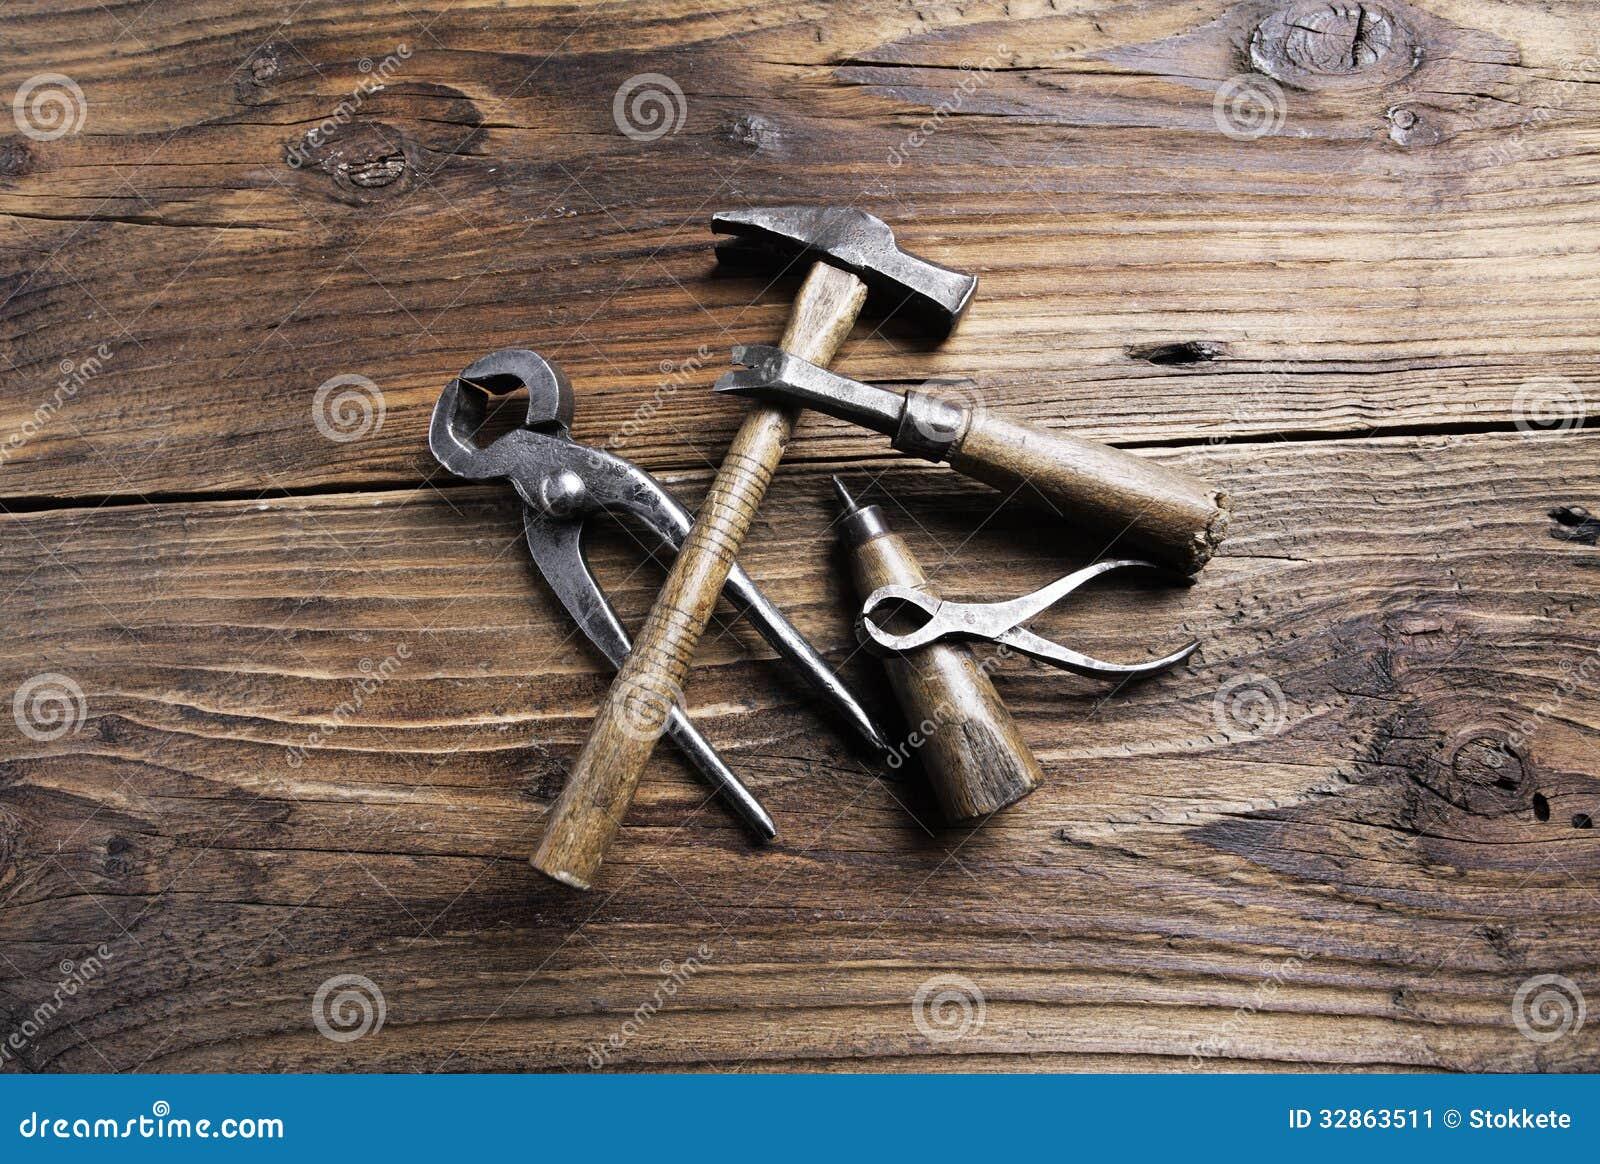 Carpenter s tools